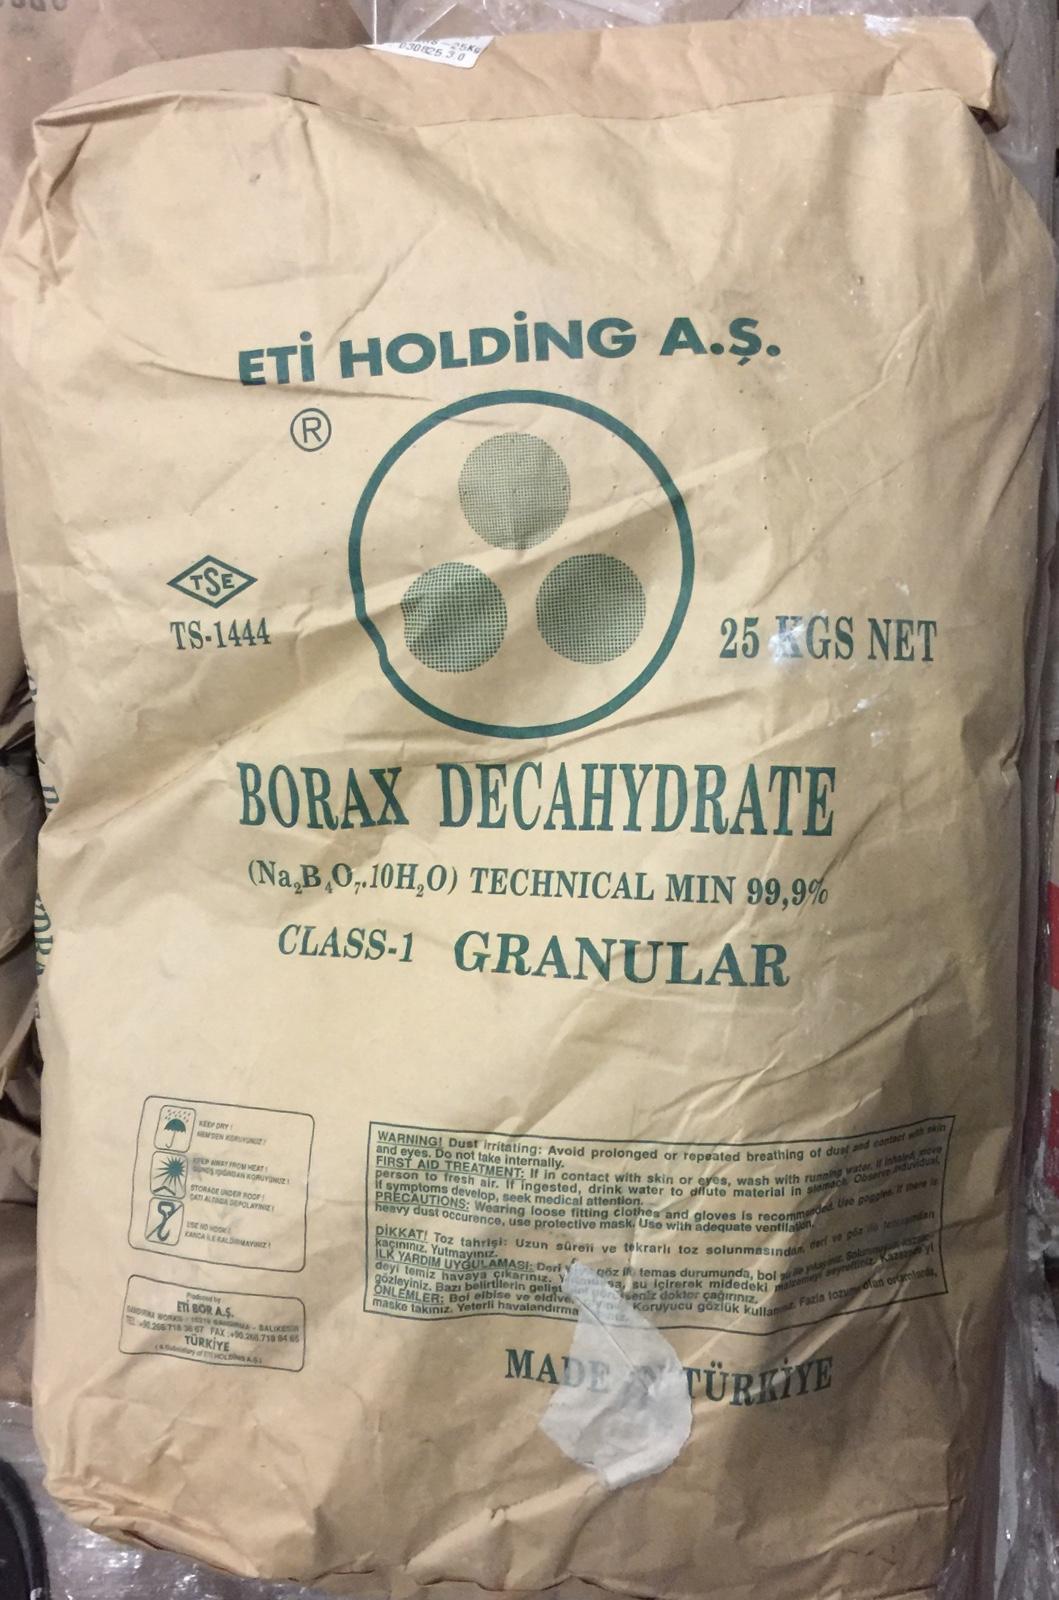 Original Container Bag of Borax Decahydrate